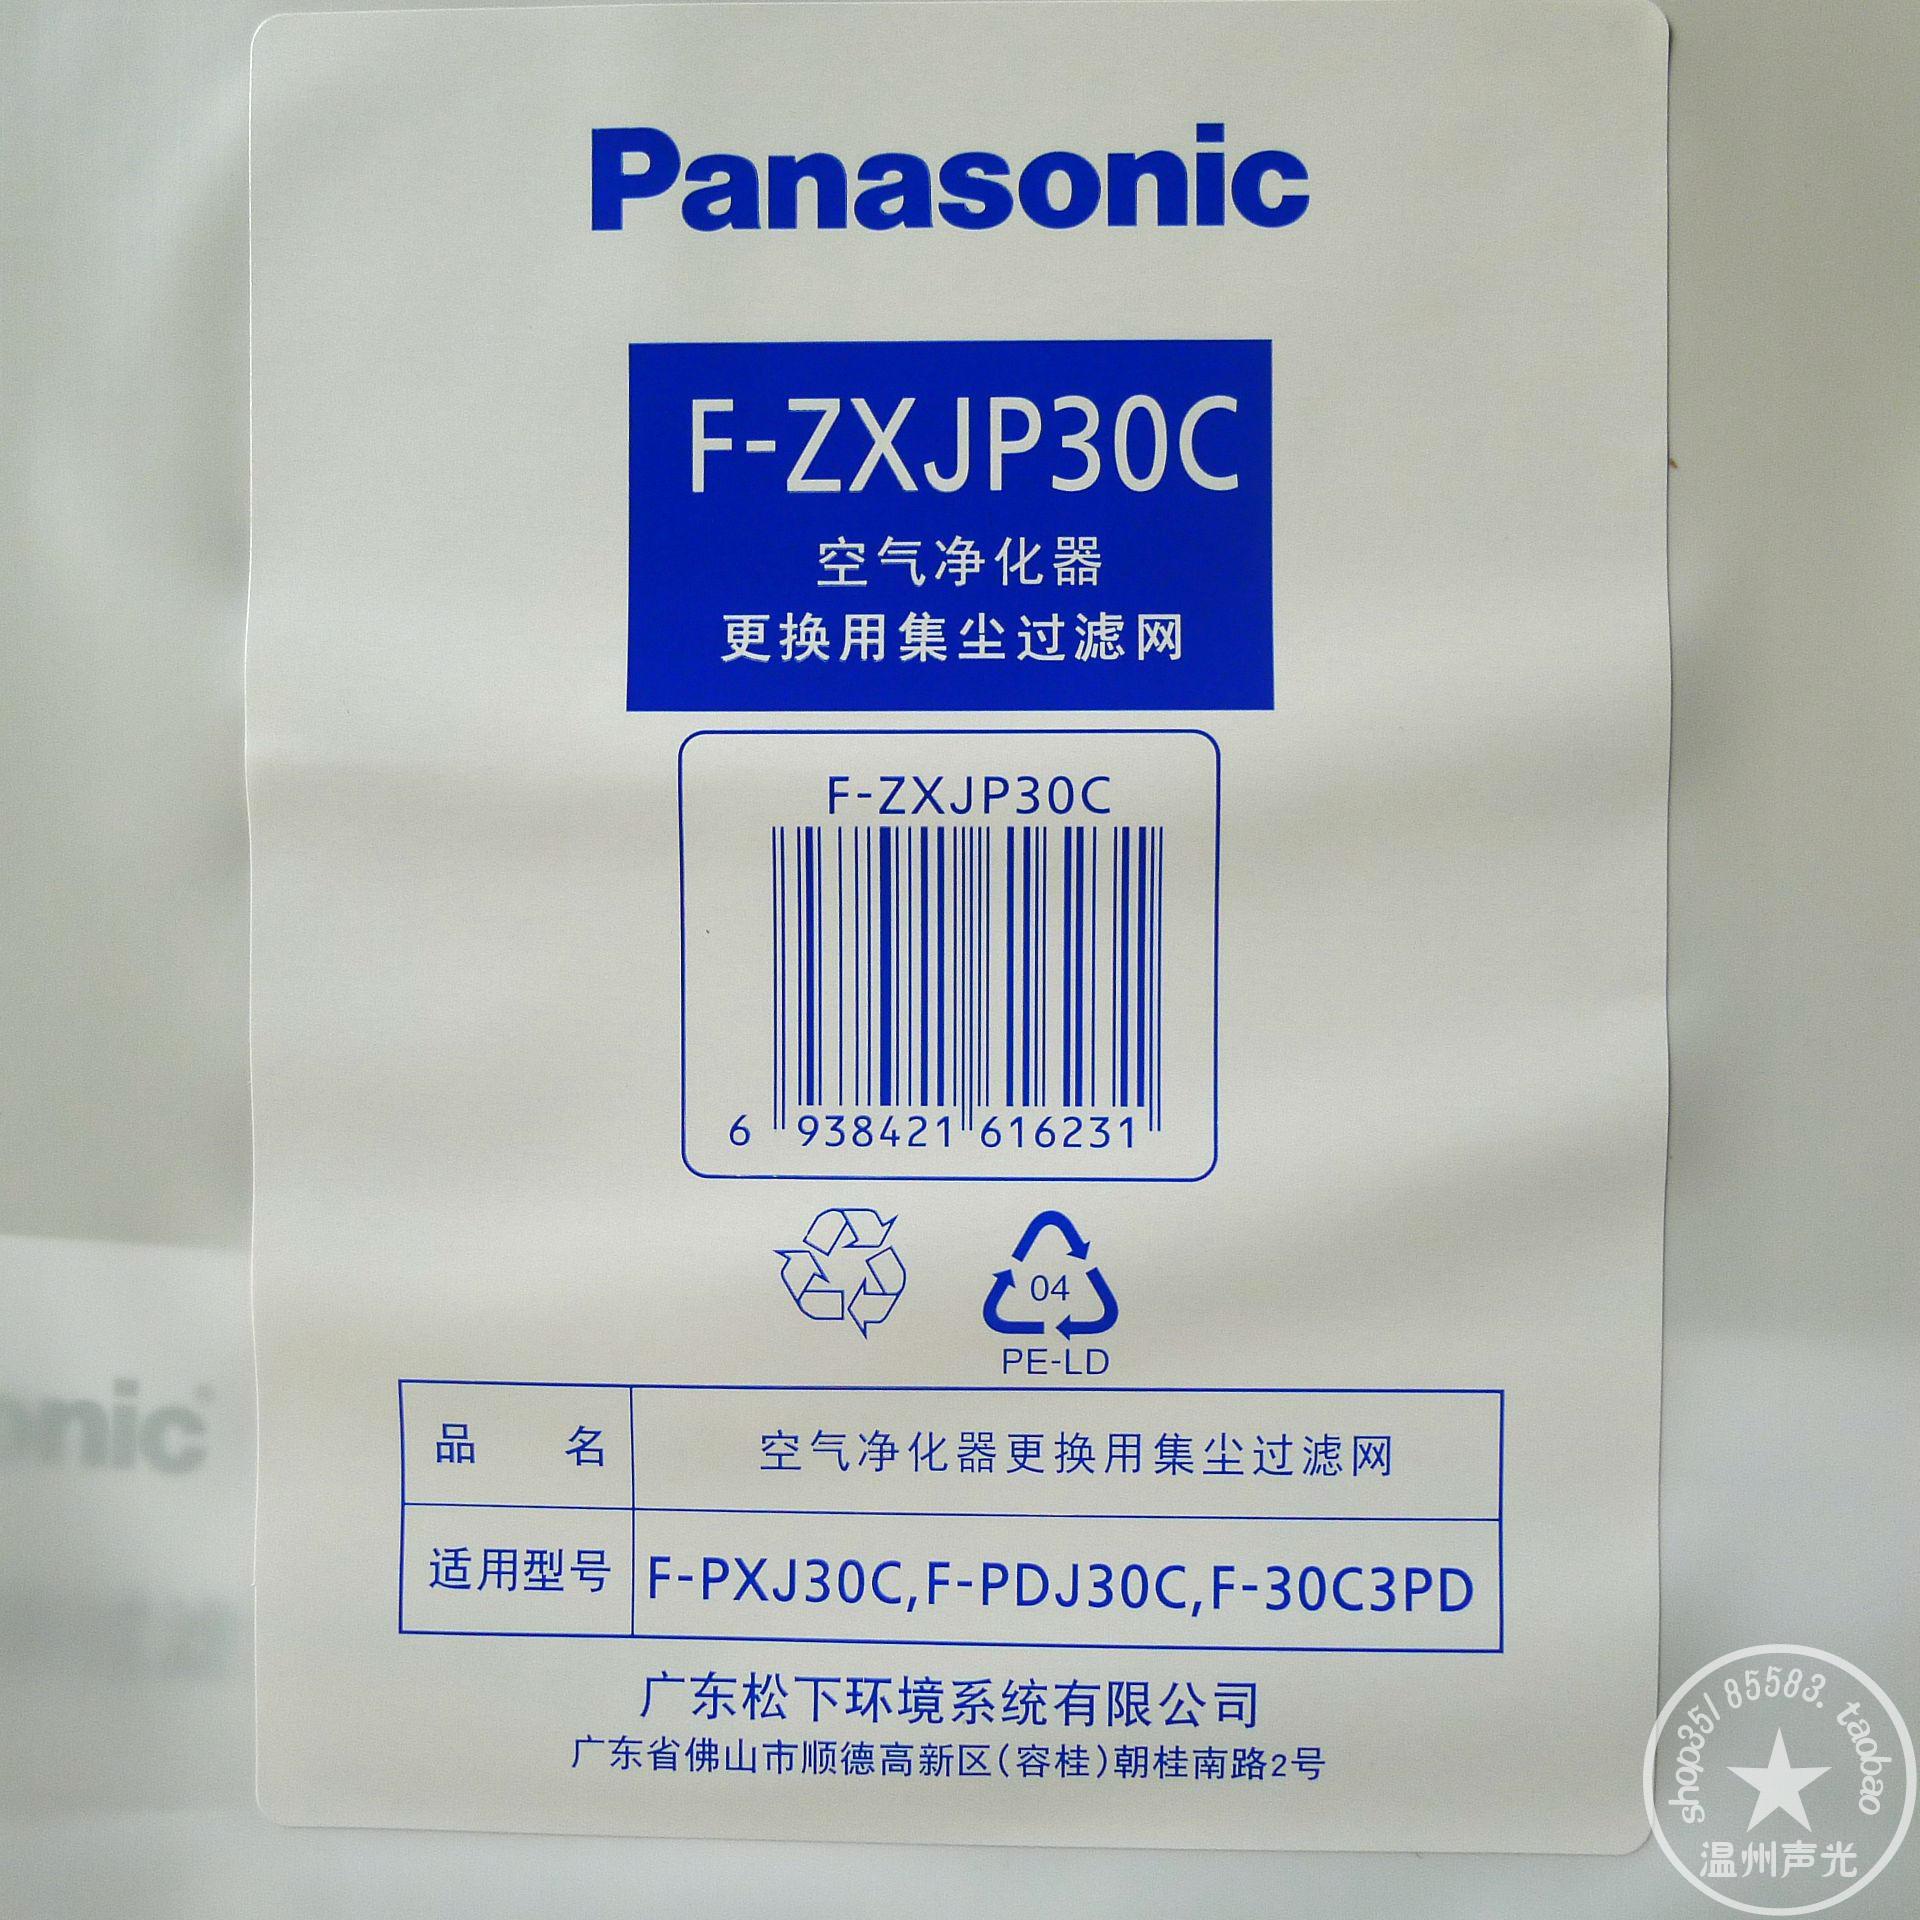 F-PDJ30C30C3PDPXJ30C epizód eredeti matsushita légtisztító F-ZXJP30C por kiszűrésére.